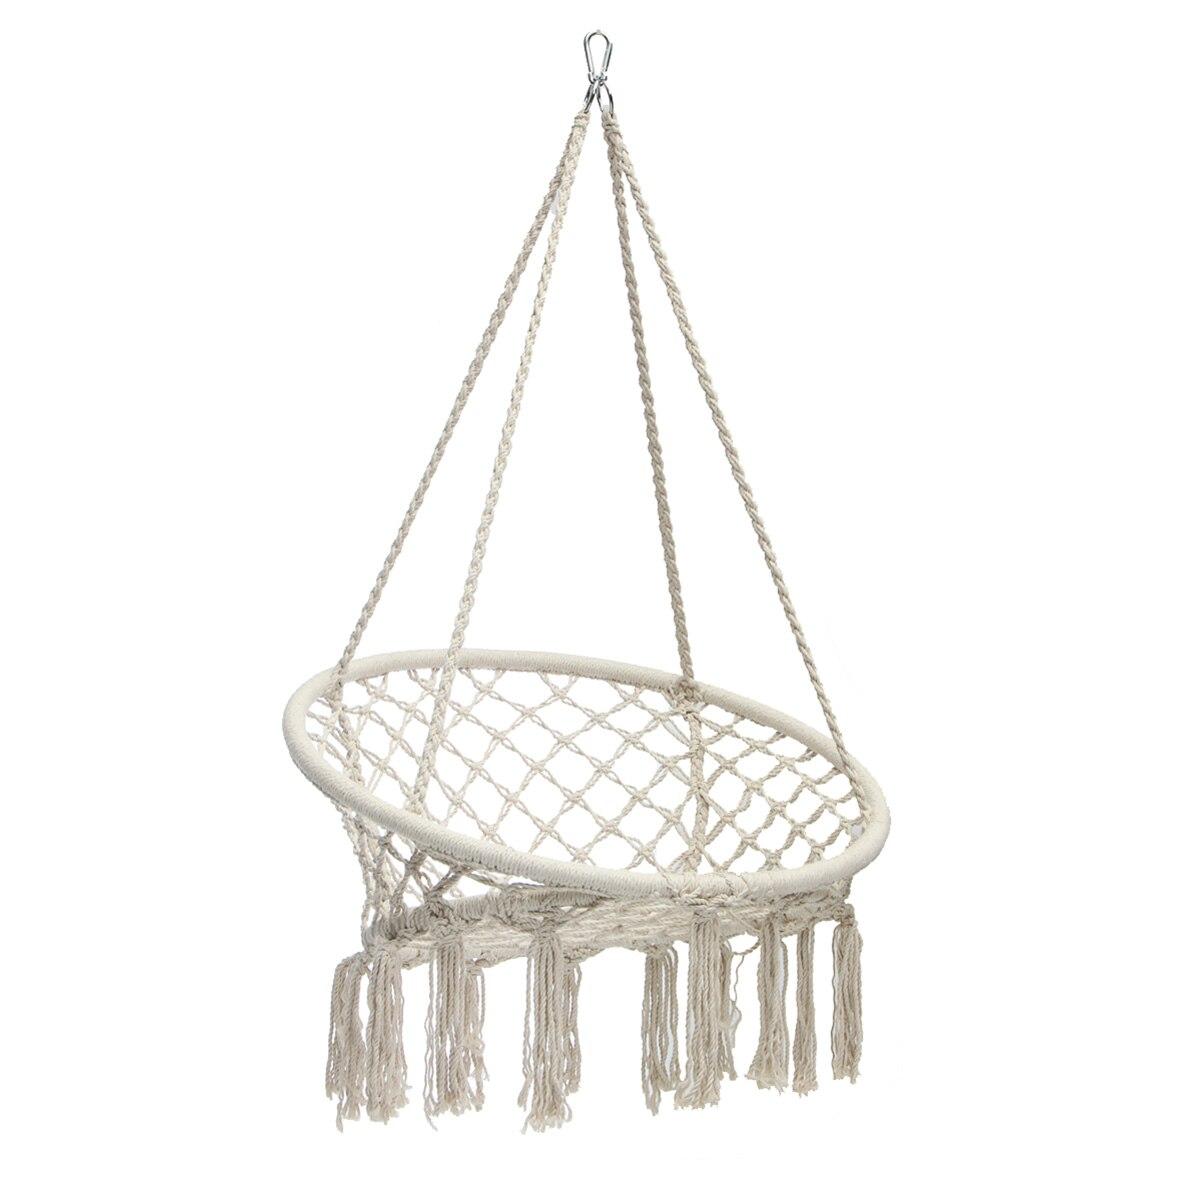 Style nordique hamac rond extérieur intérieur dortoir chambre chaise suspendue pour enfant adulte balançoire unique sécurité hamac blanc